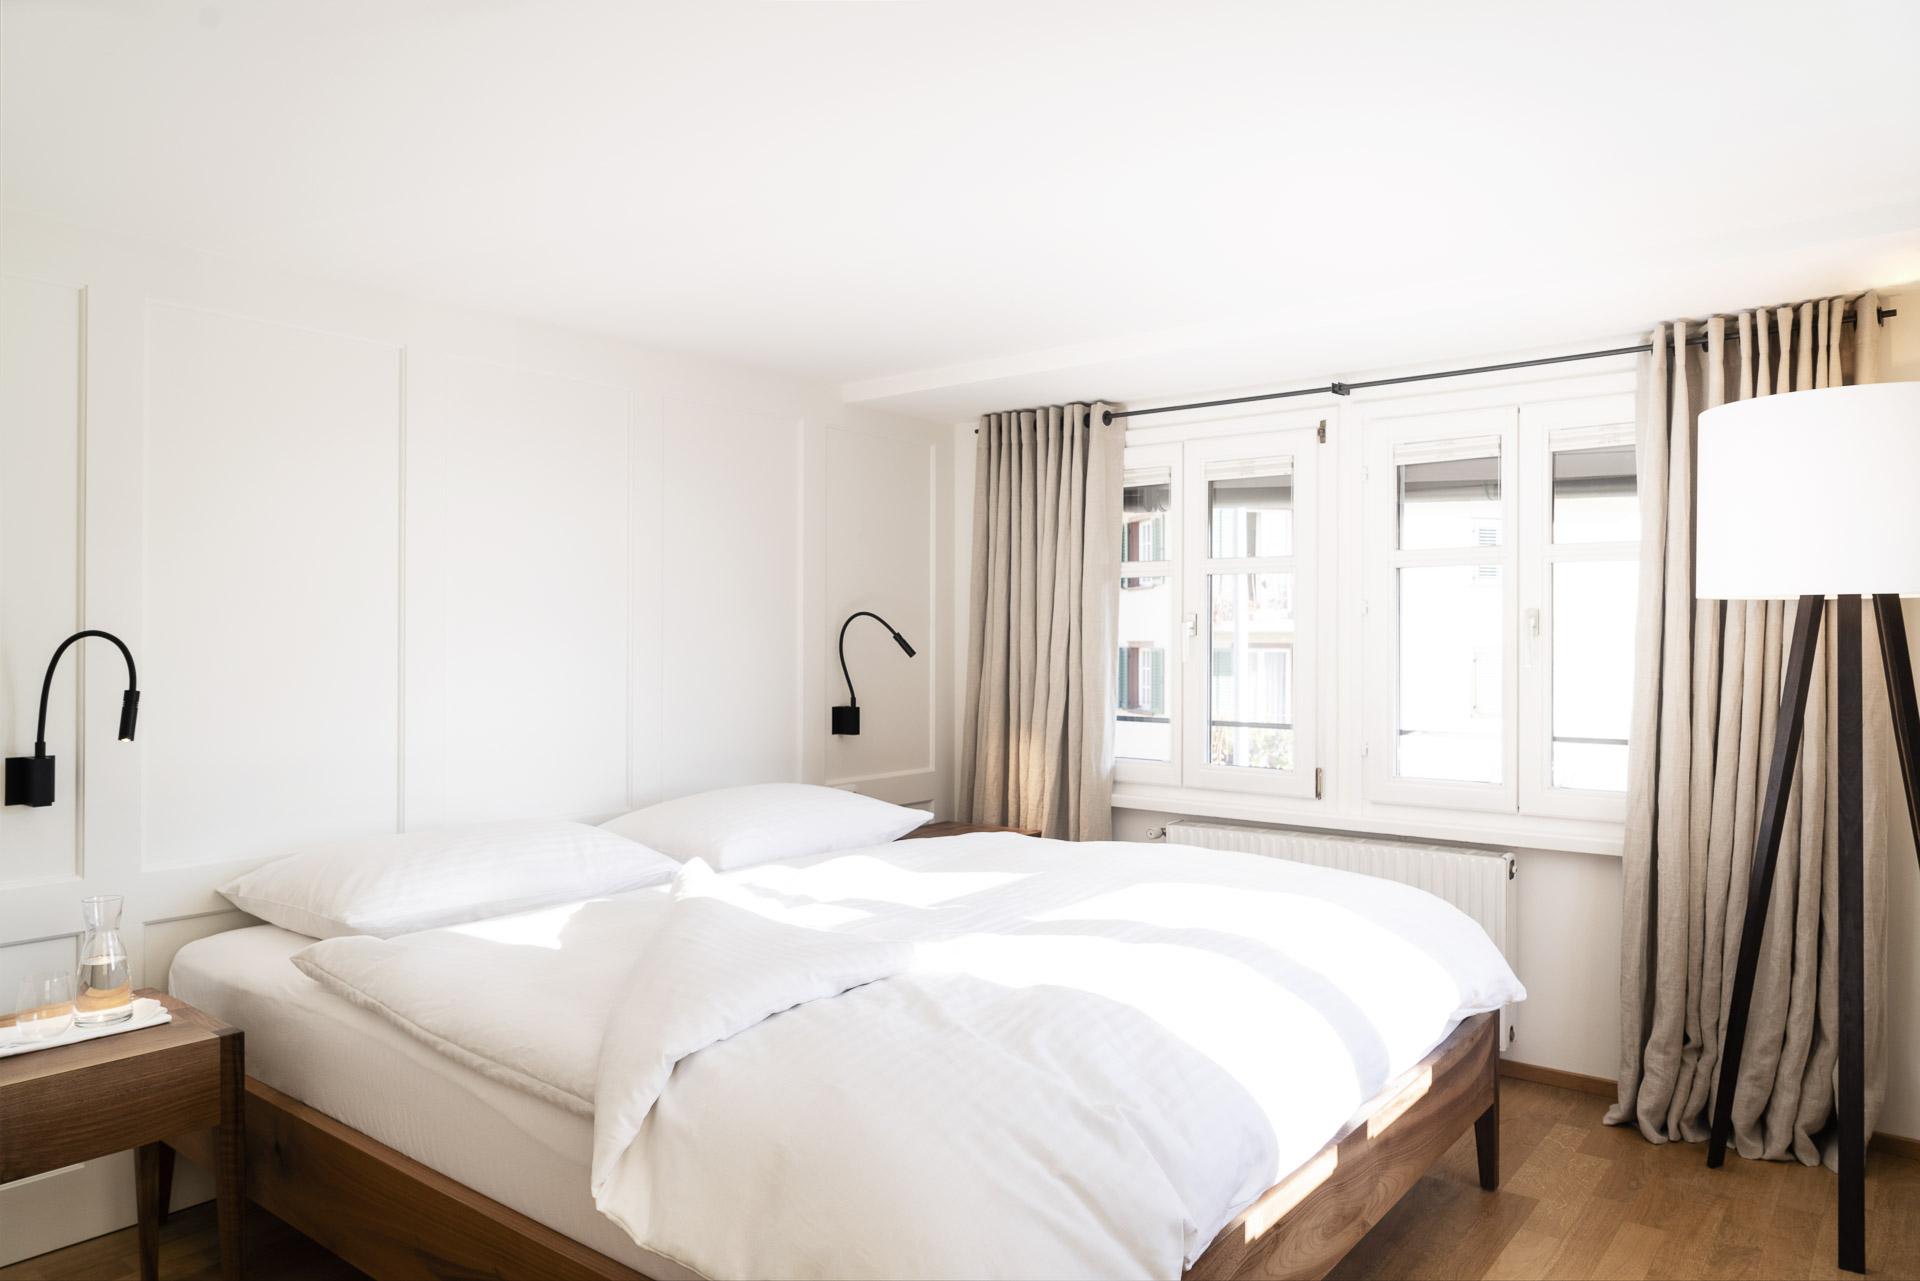 Fotowerk Hotelfotografie - behagliches Zimmer